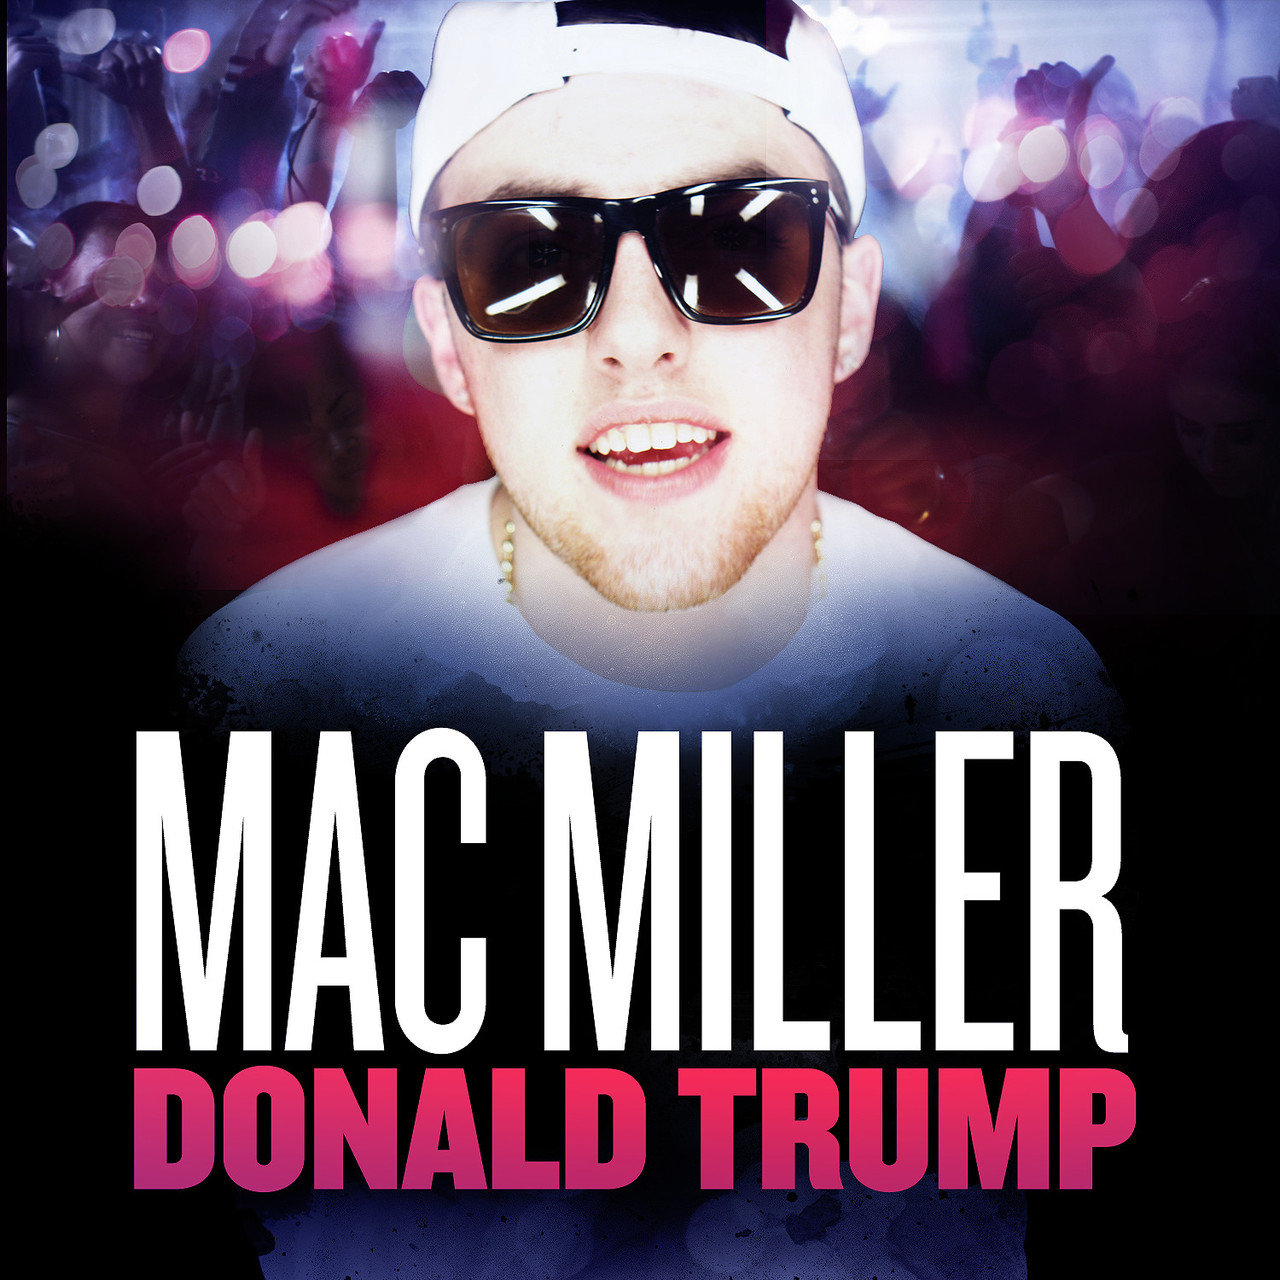 Mac Donald Mac Miller / Donald Trump